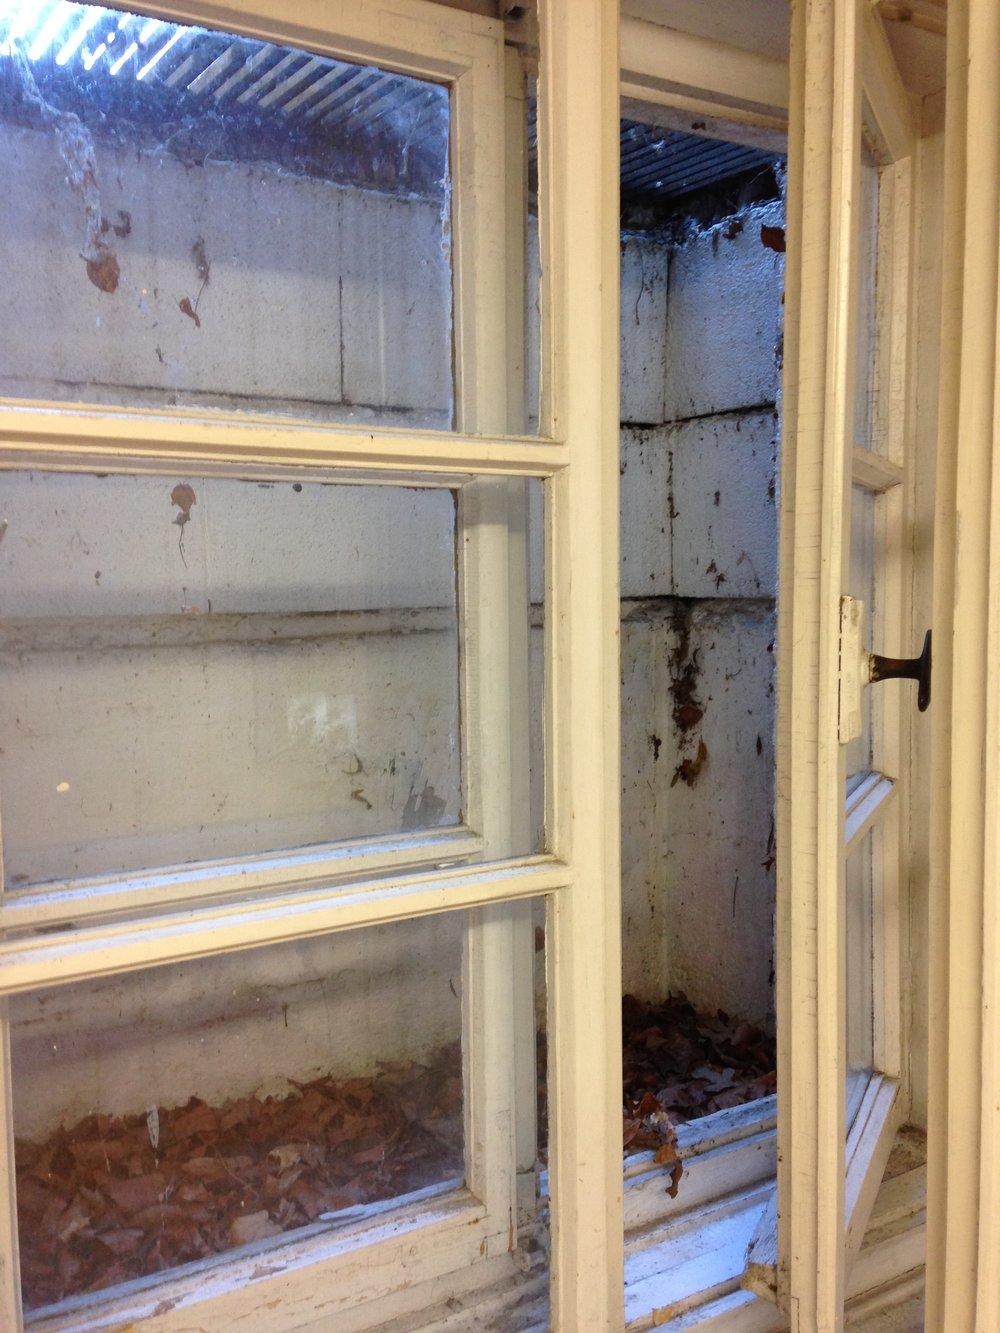 Fensterrahmen.JPG